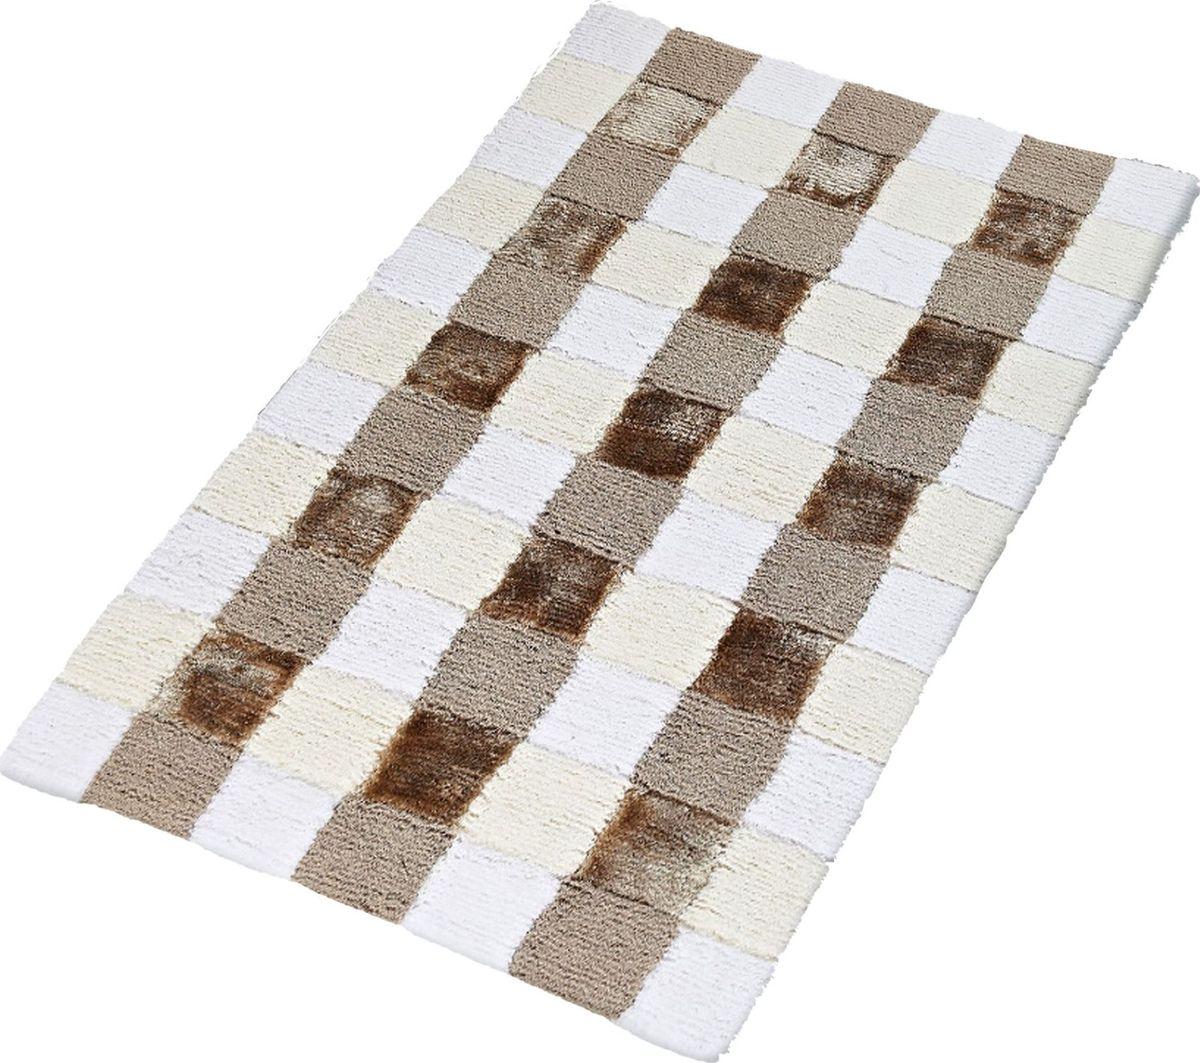 Высококачественный немецкий коврик Carre - подарок для ваших ножек. Высота ворса: 13 мм. Состав: 83% хлопок, 17% вискозный шелк. Стирать при щадящем режиме 30°С. Можно сушить в сушильной машине. Не подвергать химической чистке. Не гладить.